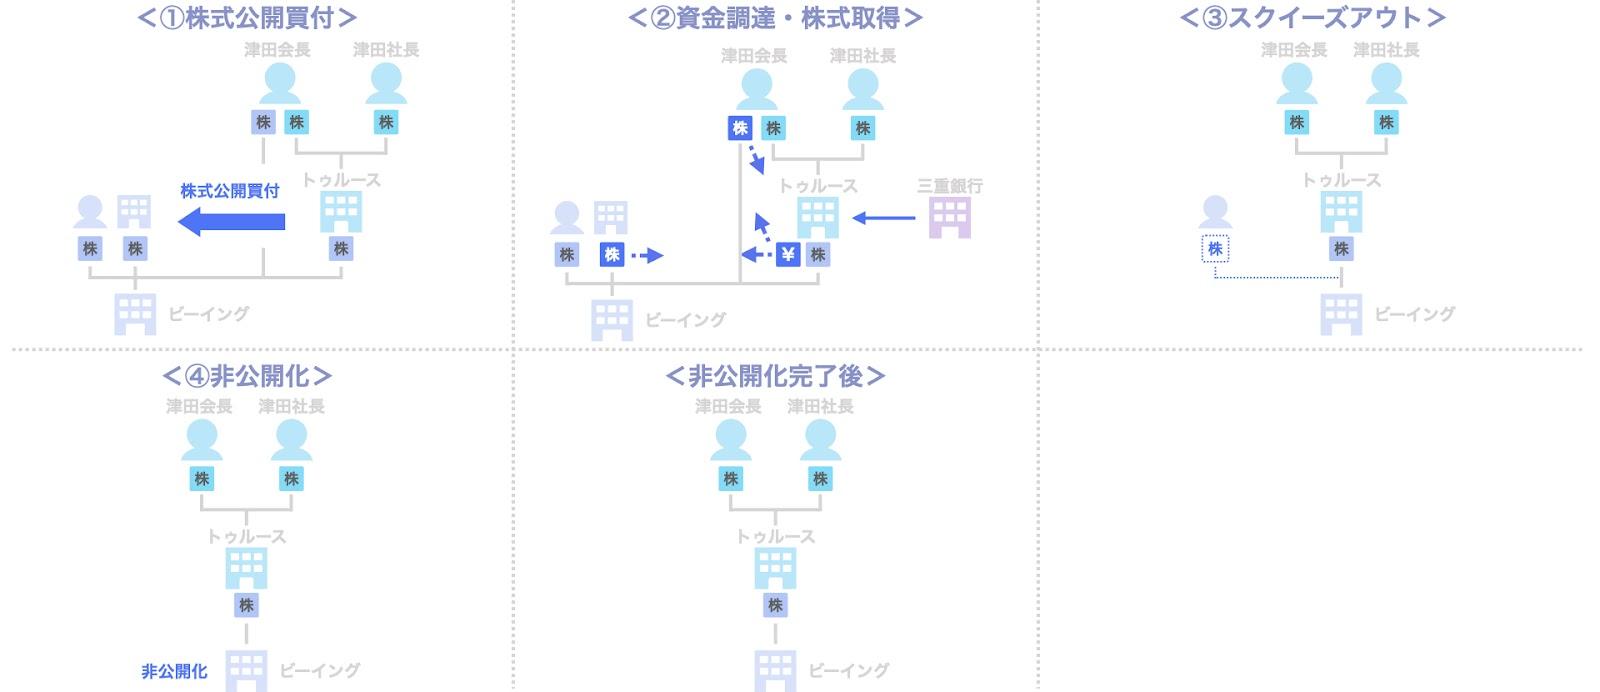 事例1. ビーイングのデットMBO(三重銀行)のスキーム